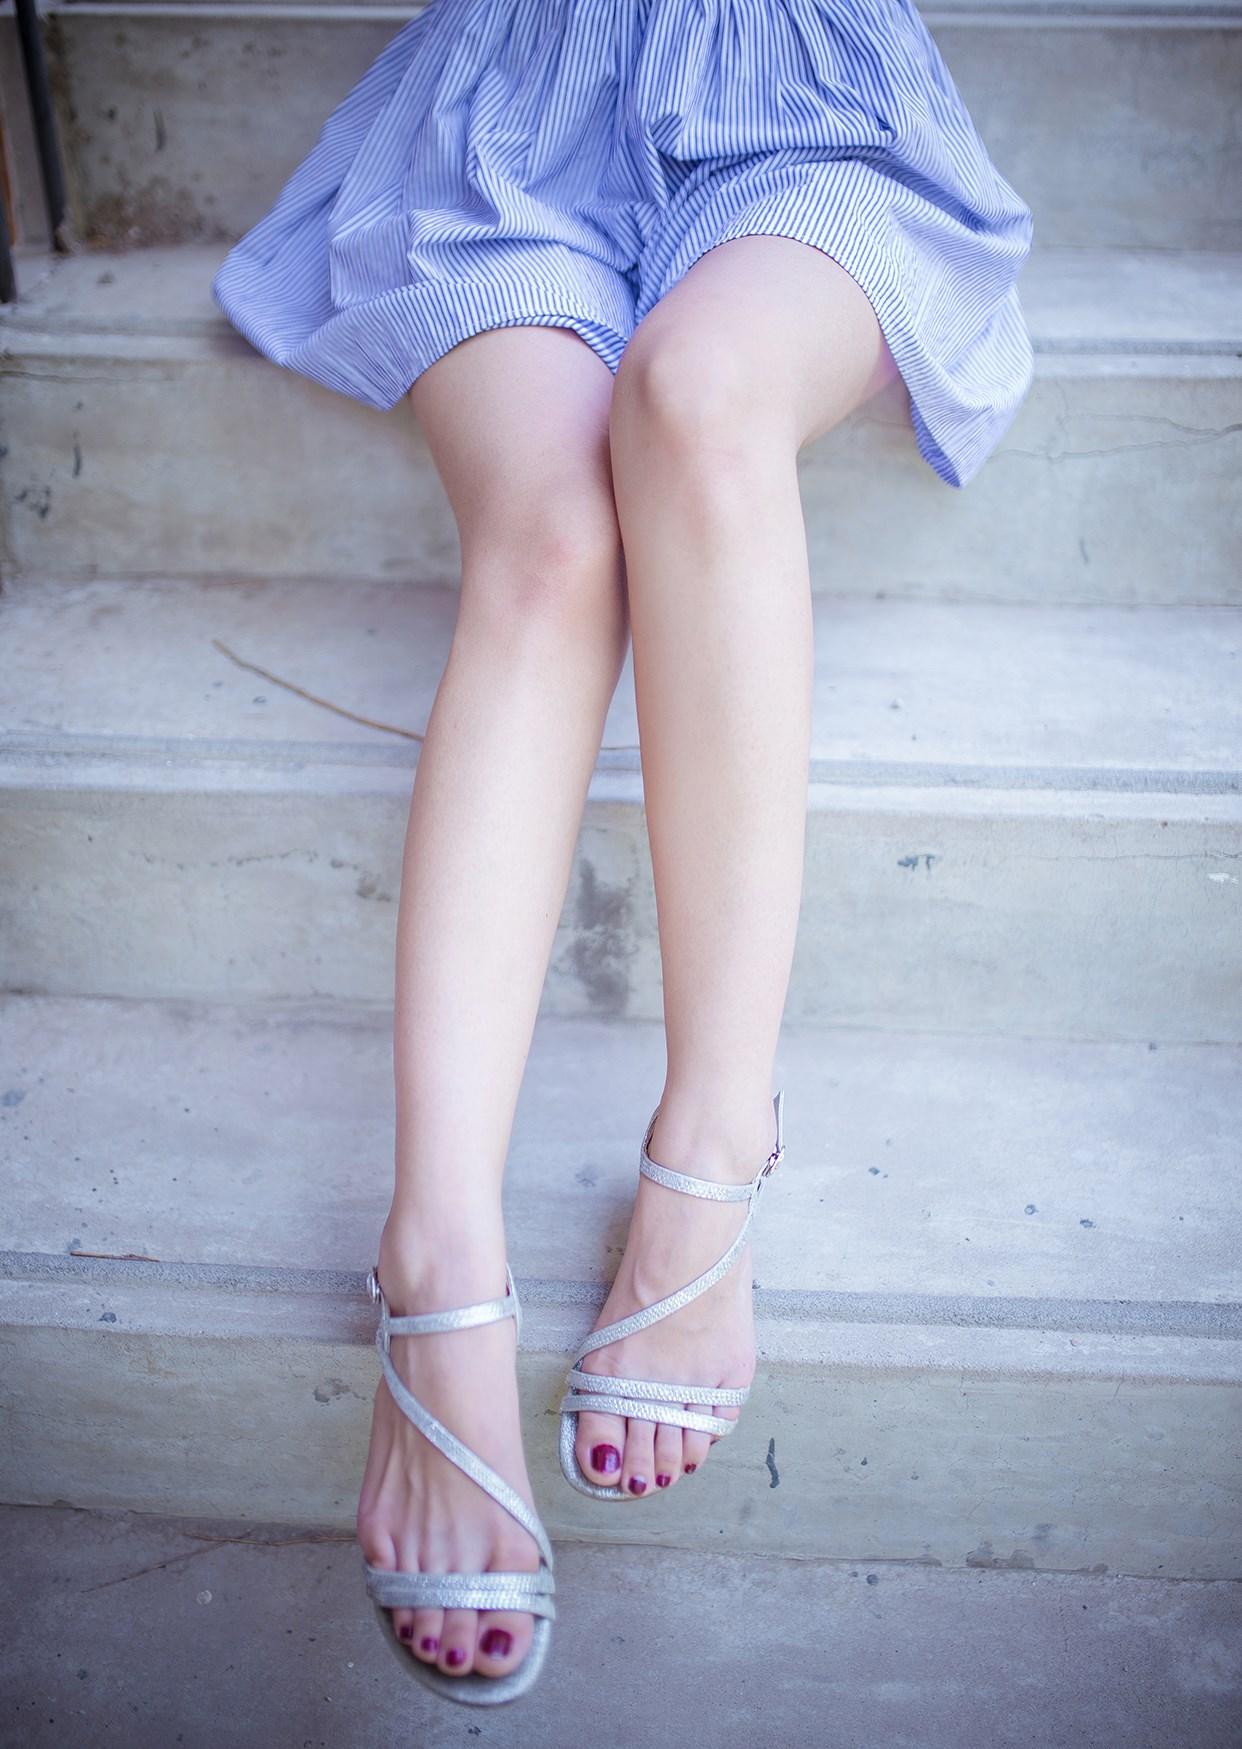 【兔玩映画】吊带裙小姐姐 兔玩映画 第16张